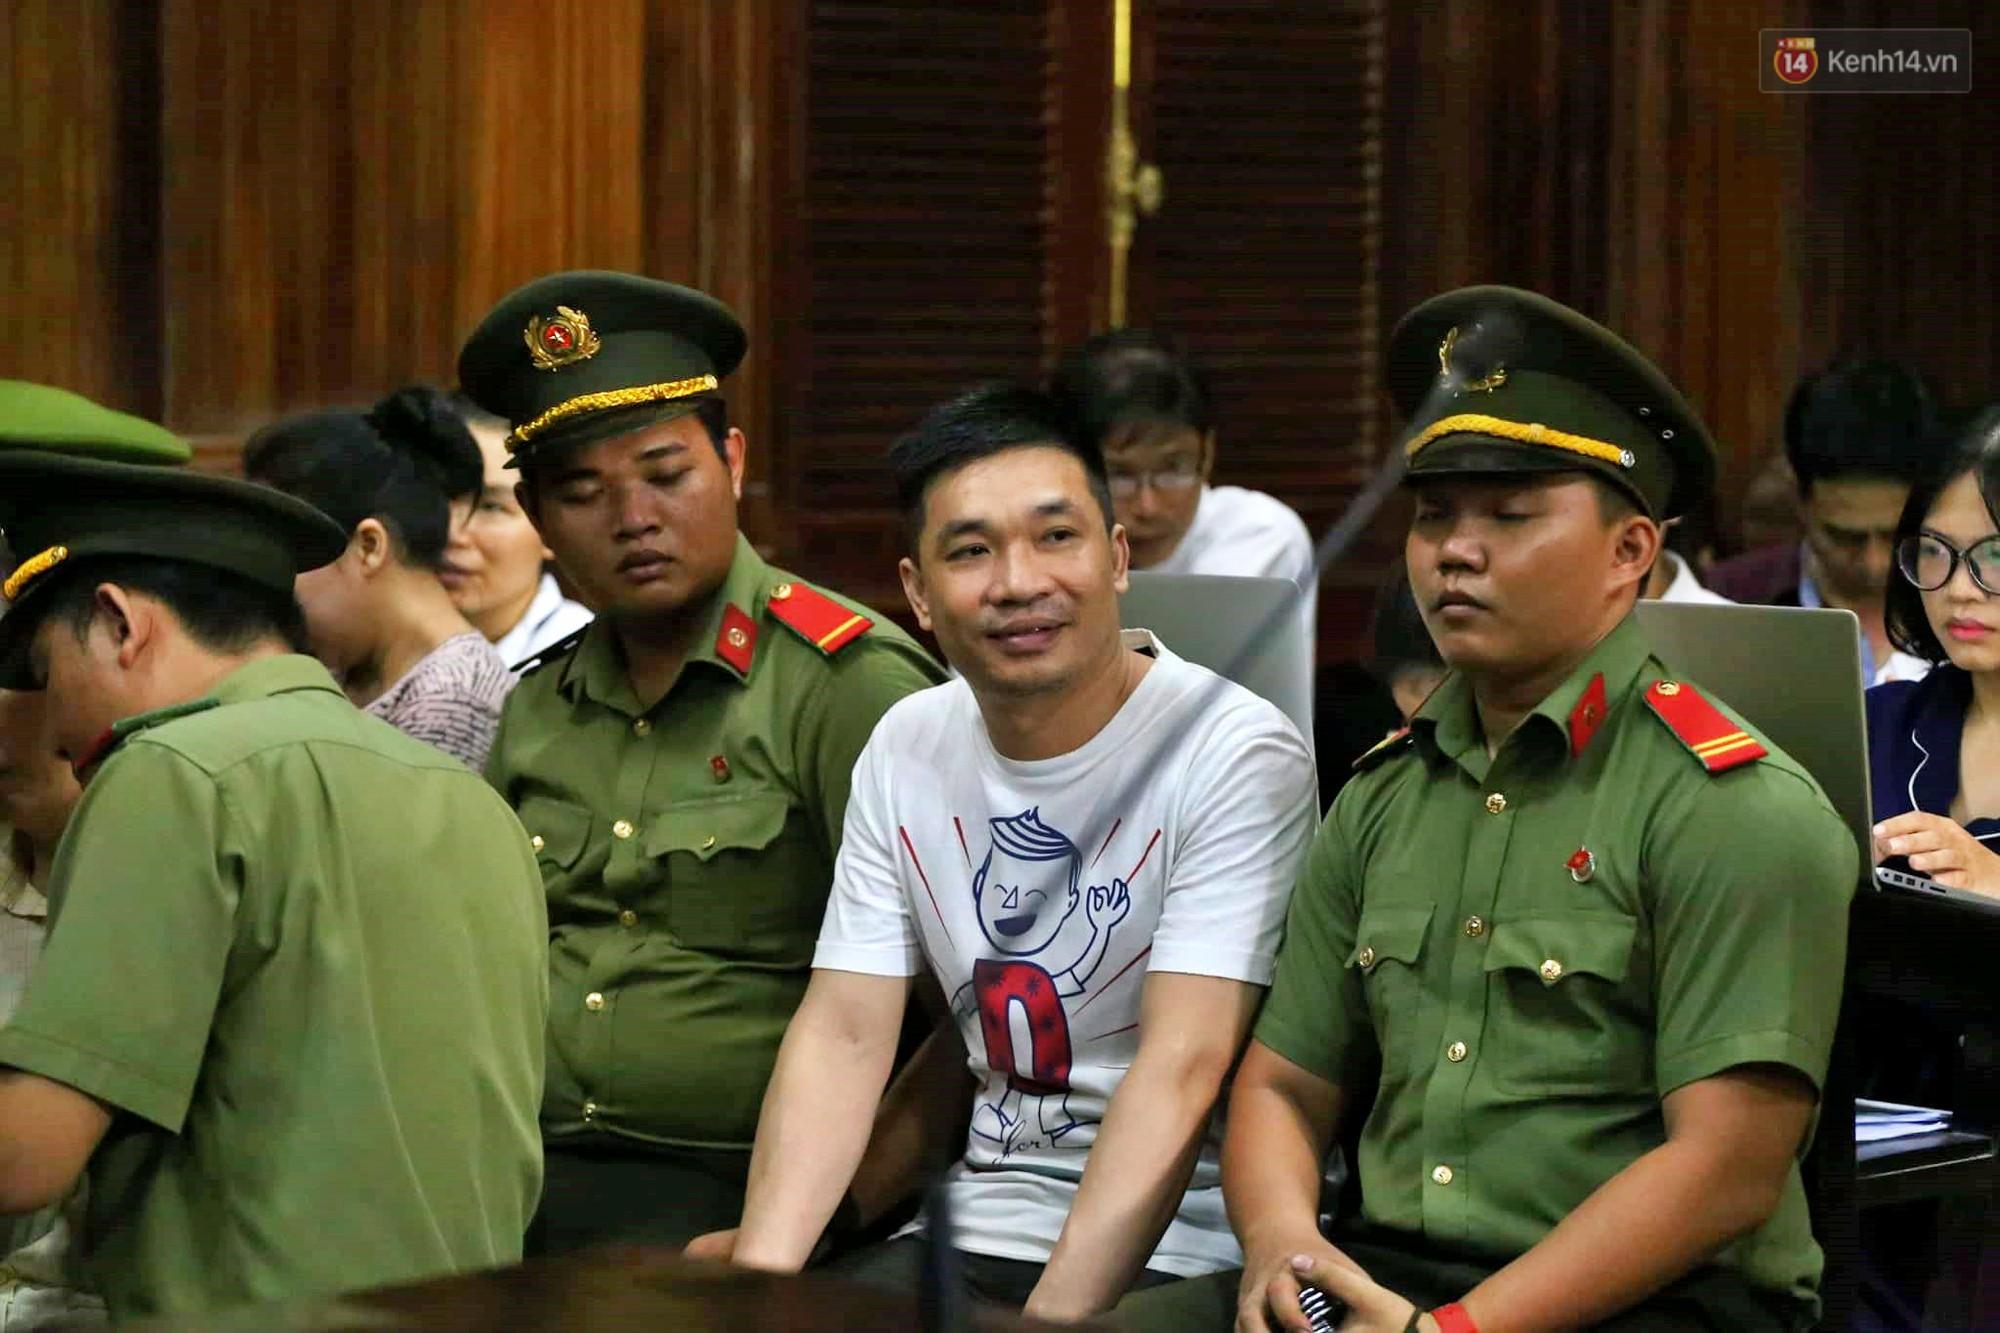 Ông trùm Văn Kính Dương vẫn cười dù bị đề nghị tử hình, hotgirl Ngọc Miu bật khóc khi VKS đưa mức án 20 năm tù - Ảnh 15.